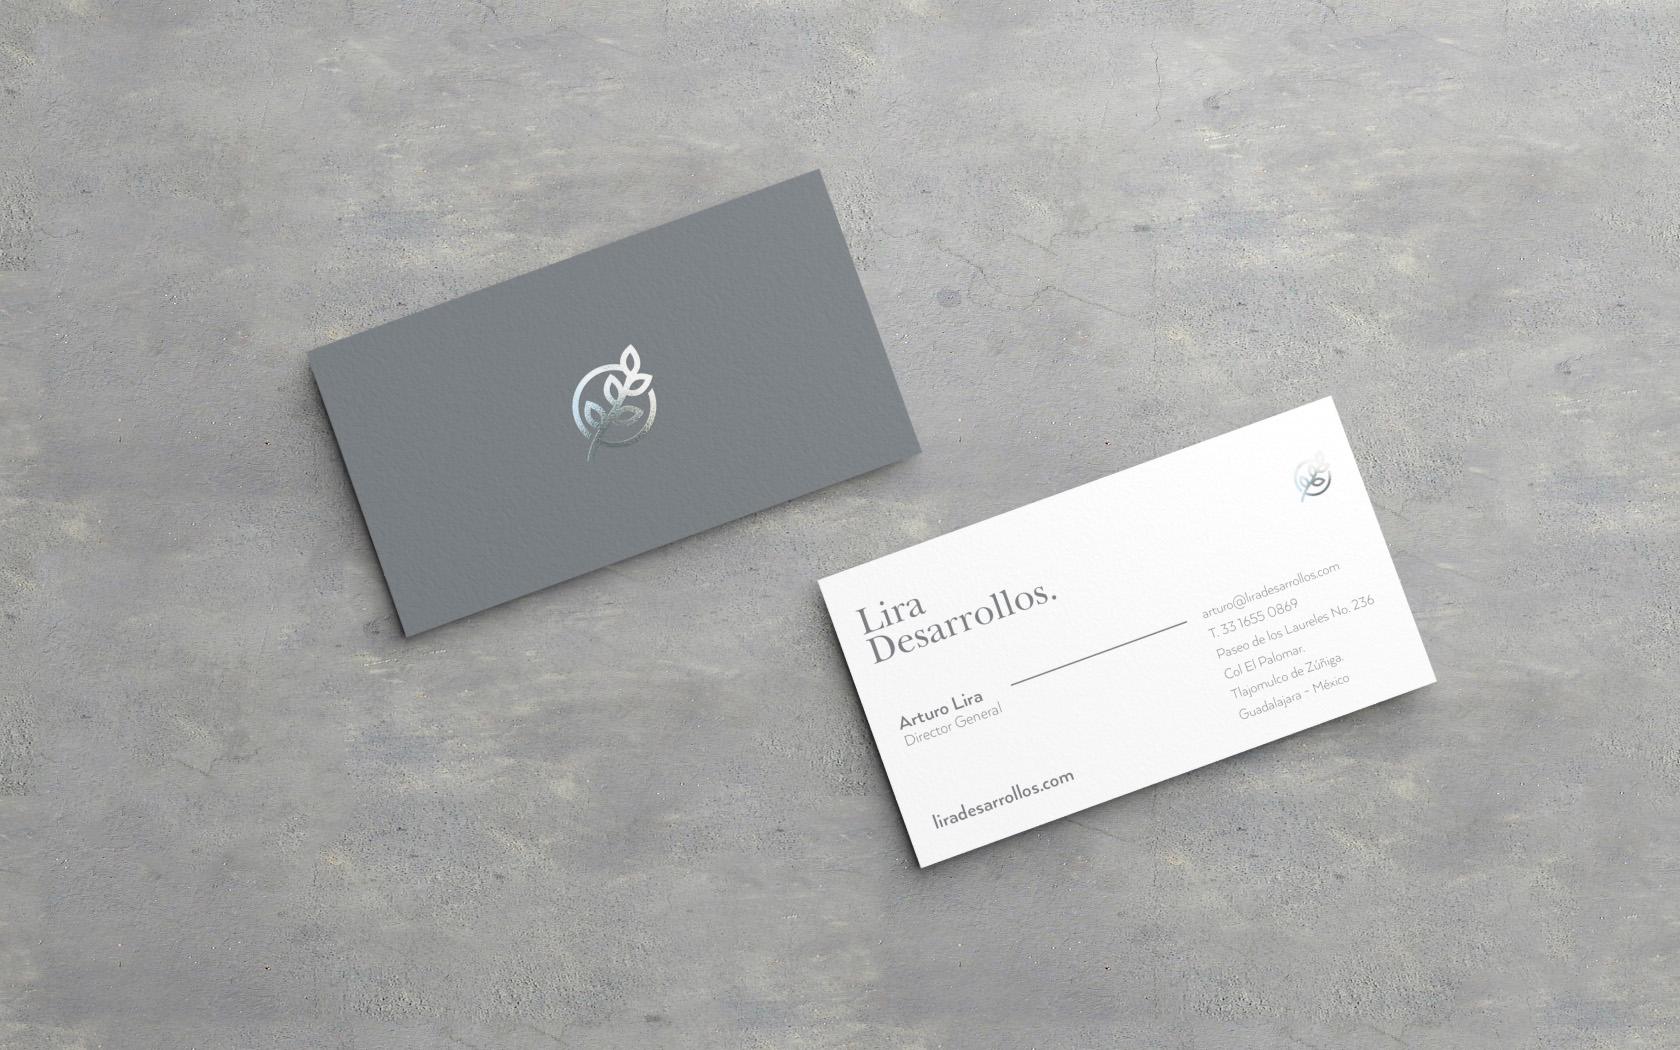 Lira-Desarrollos-tarjetas